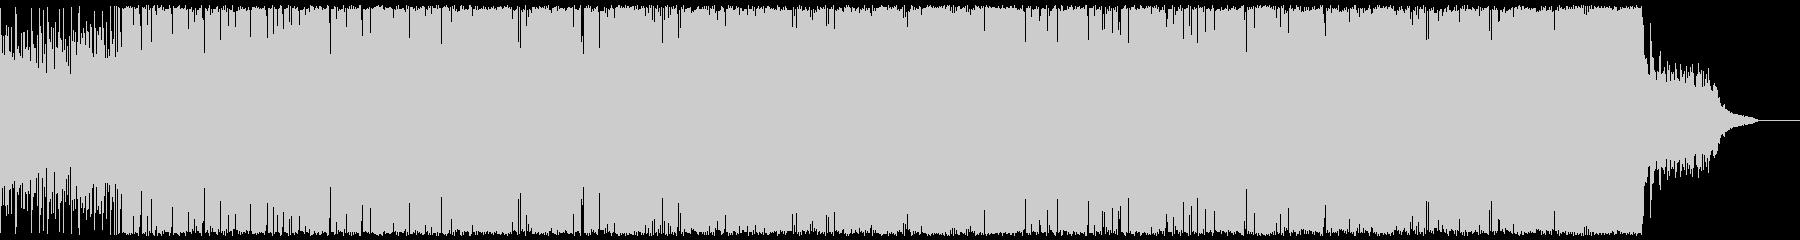 ウキウキ気分のエレクトロポップの未再生の波形